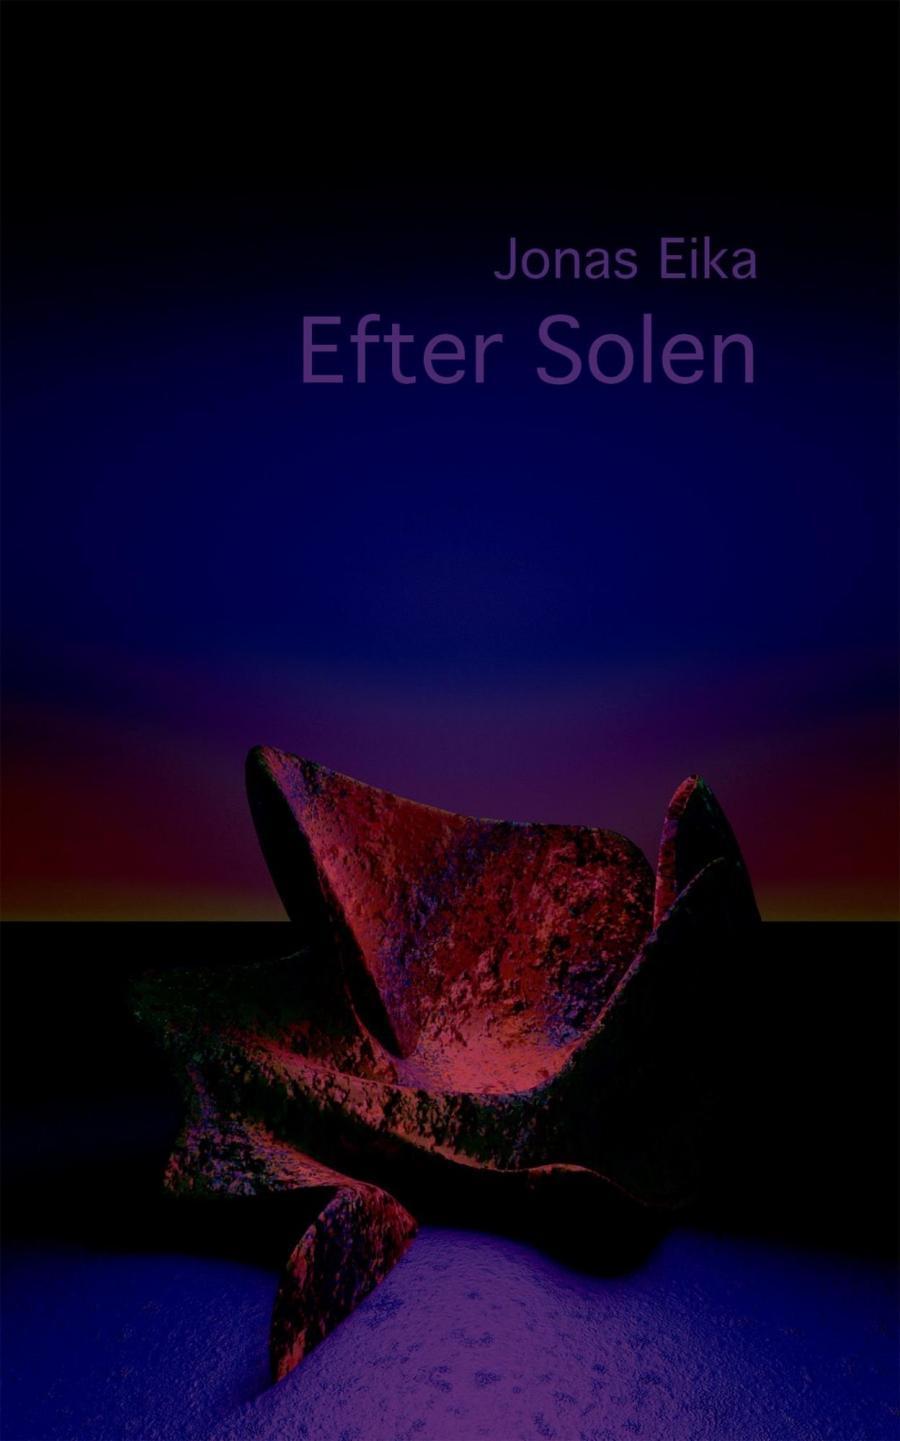 Jonas Eika - Efter solen